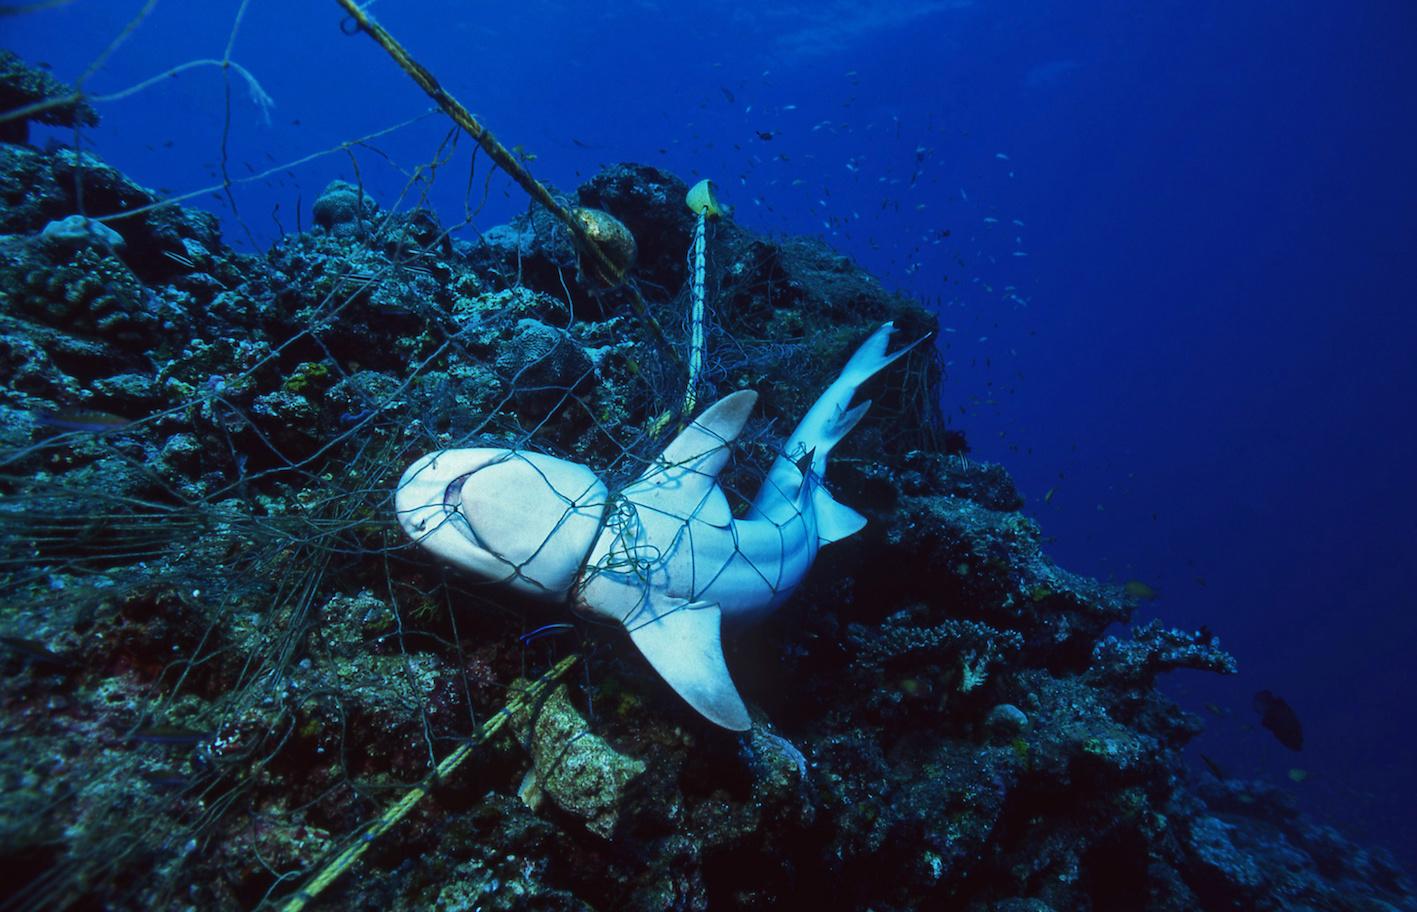 allevamenti di pesce intramundi